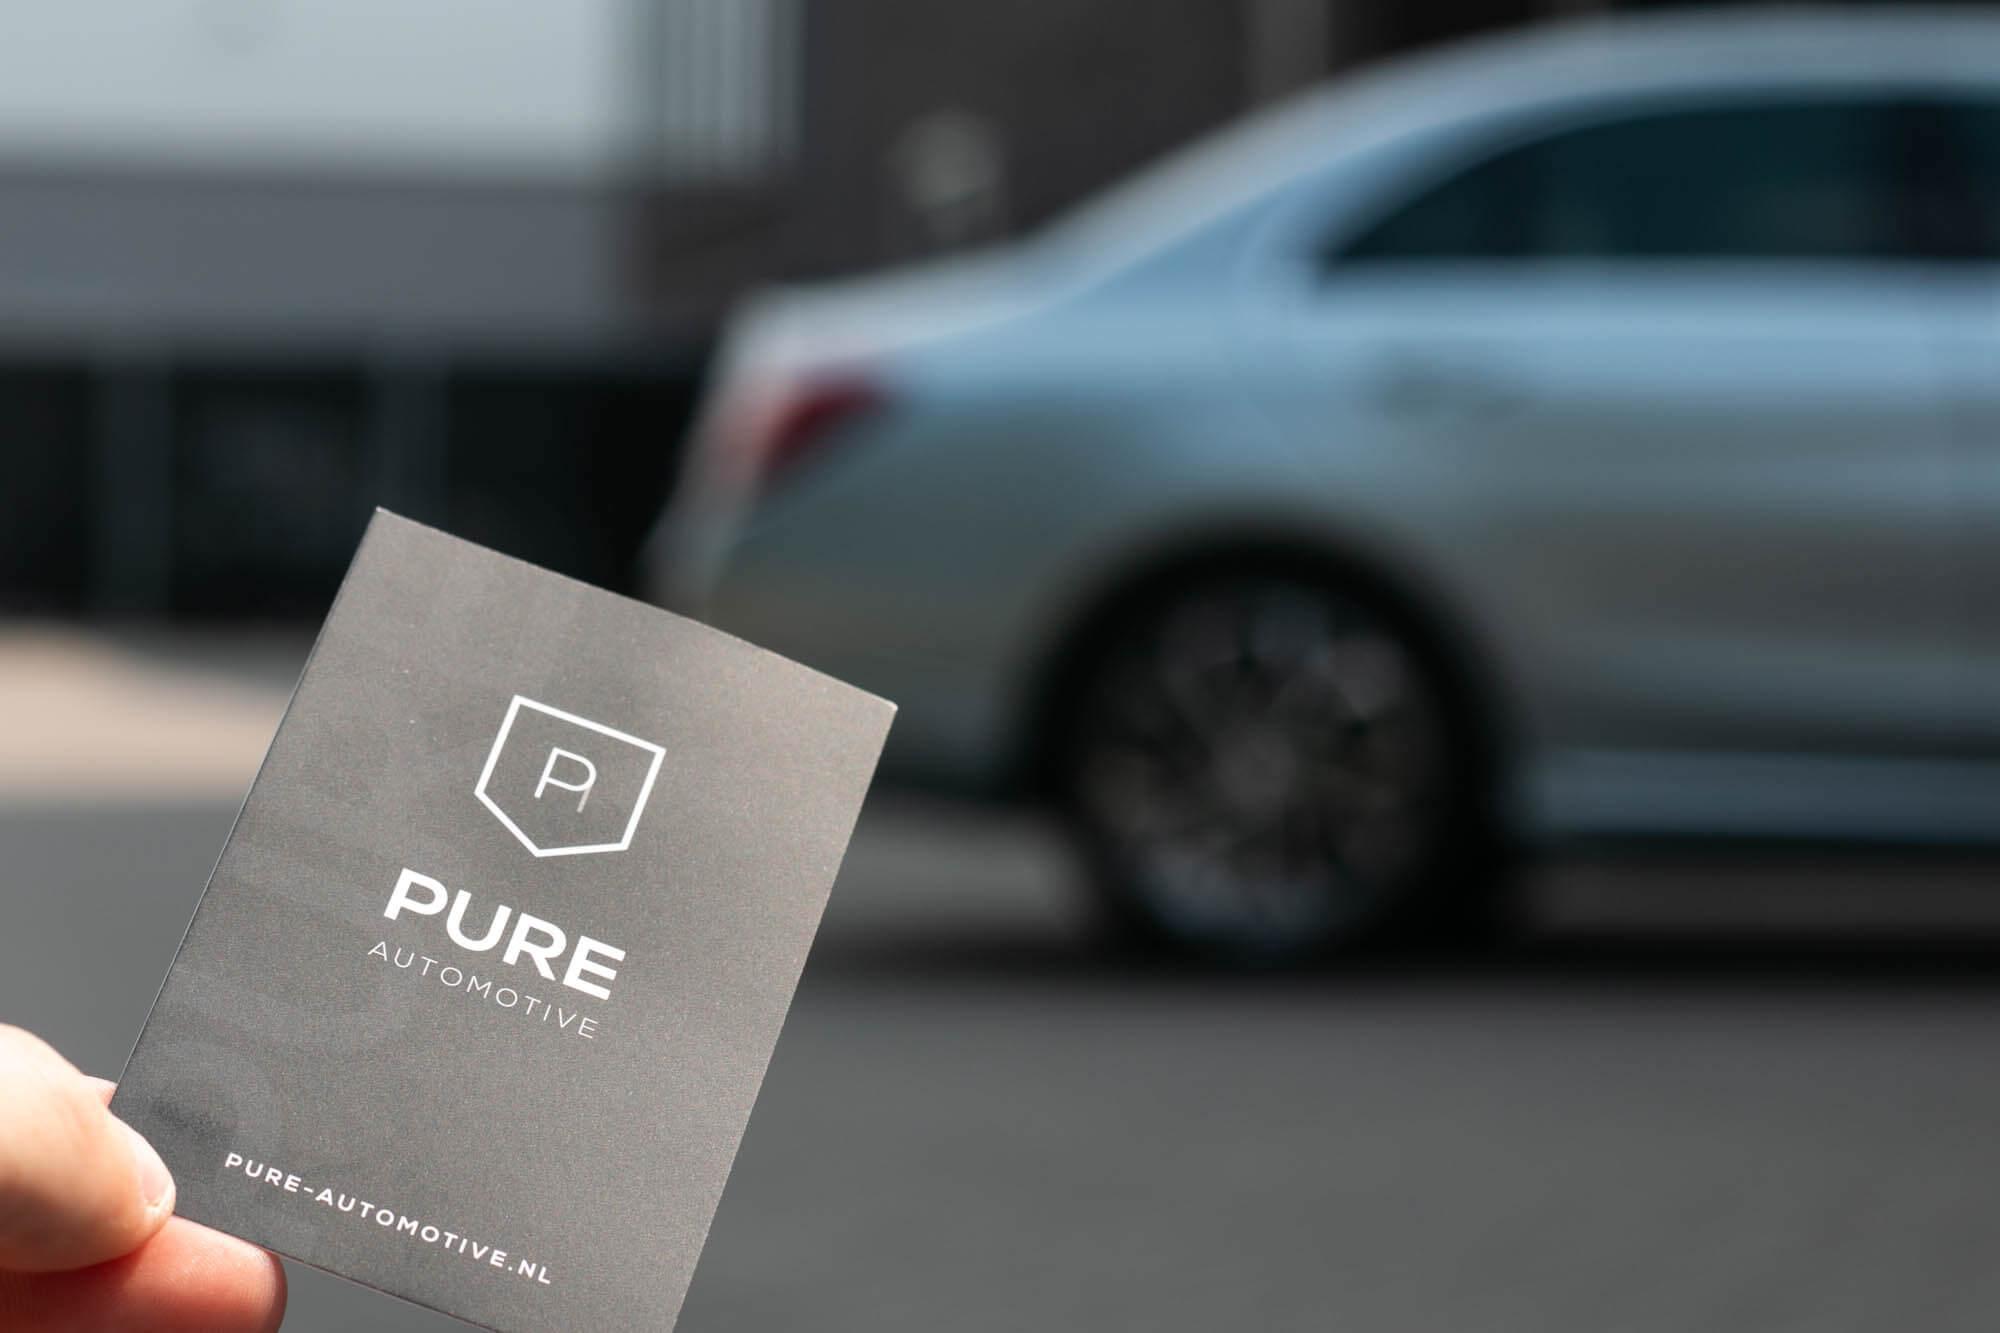 PURE-M-7